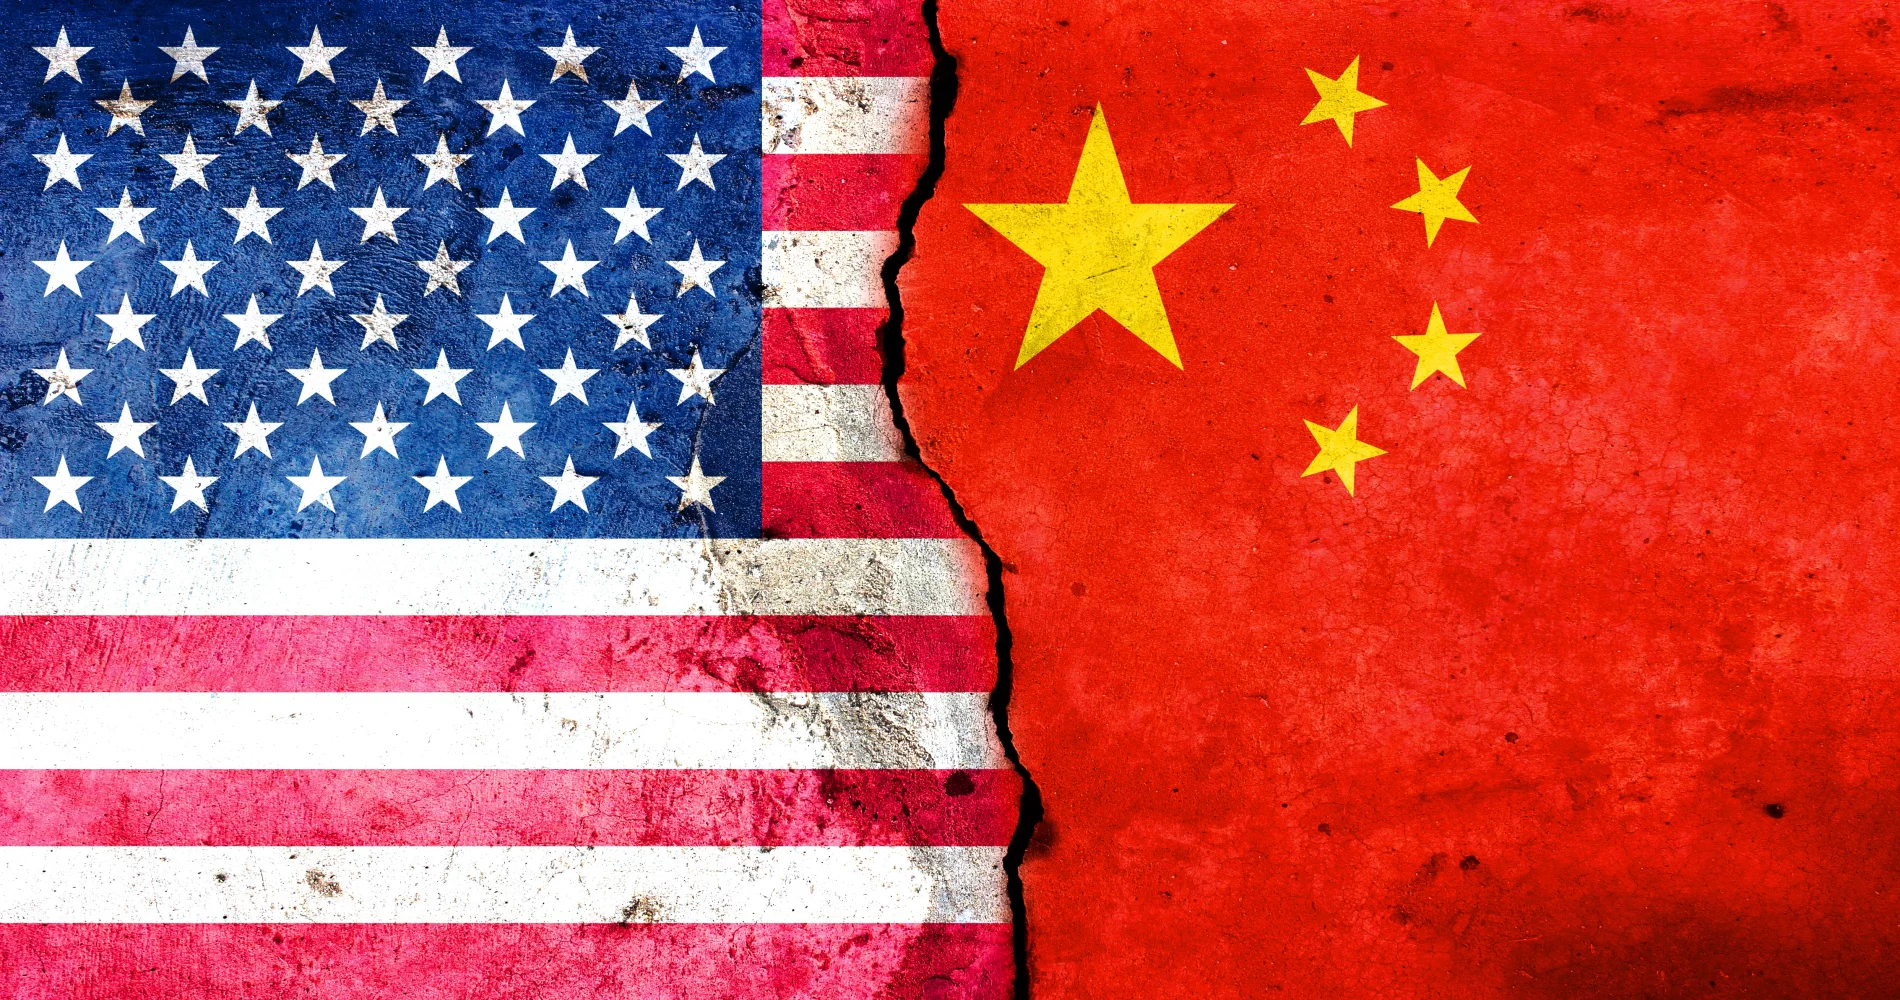 امریکا نے چین پر اضافی ٹیکس عائد کرنے کی ڈیڈ لائن موخر کردی